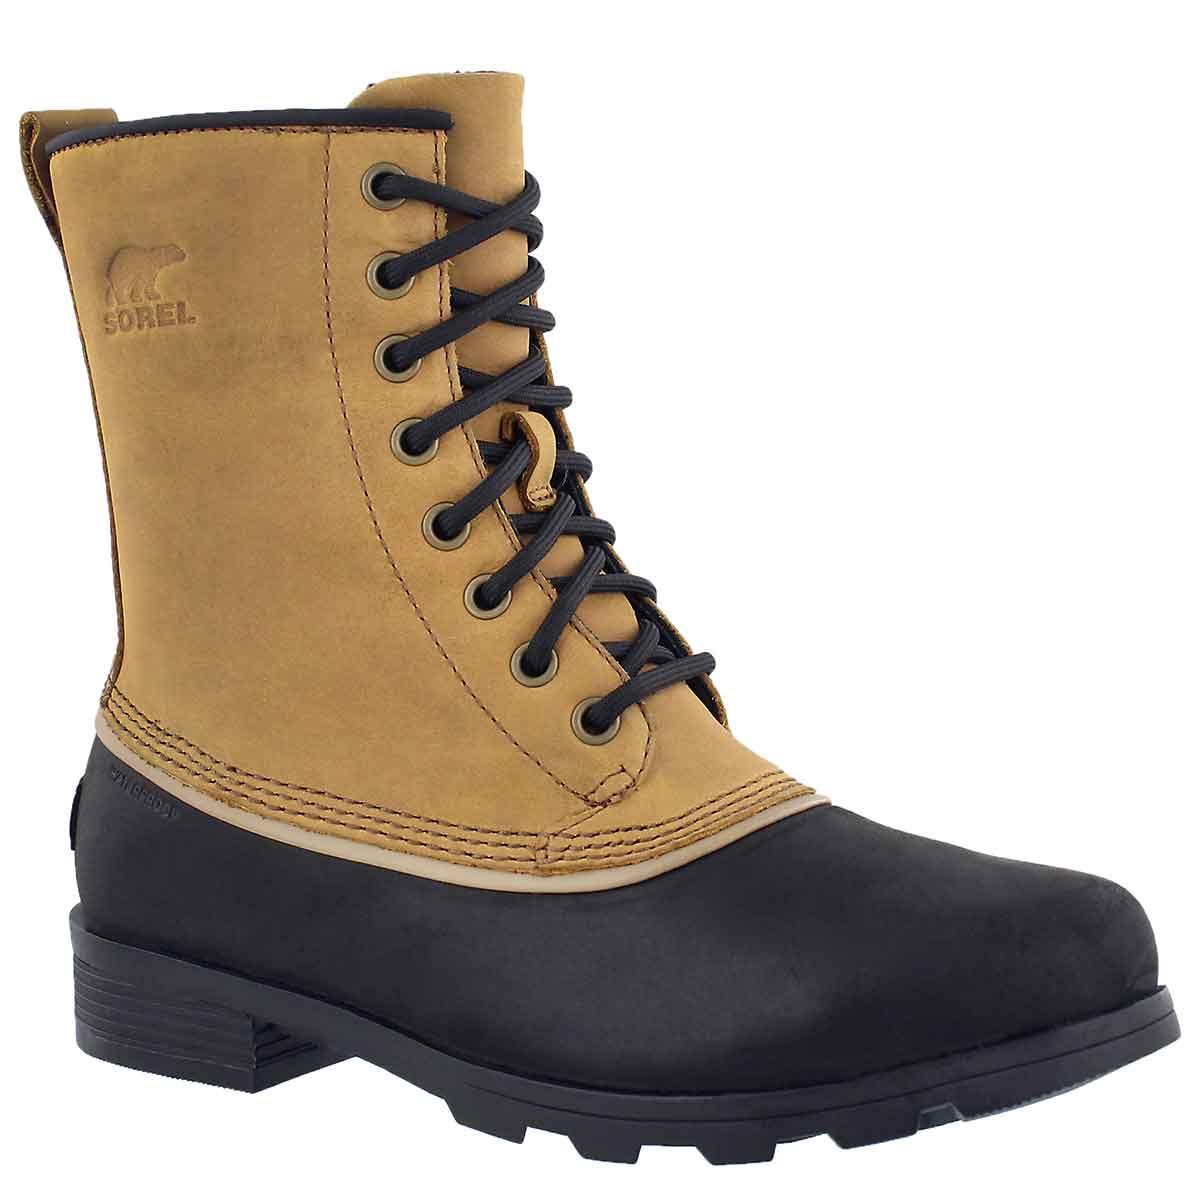 Lds Emelie 1964 elk/blk wtpf winter boot